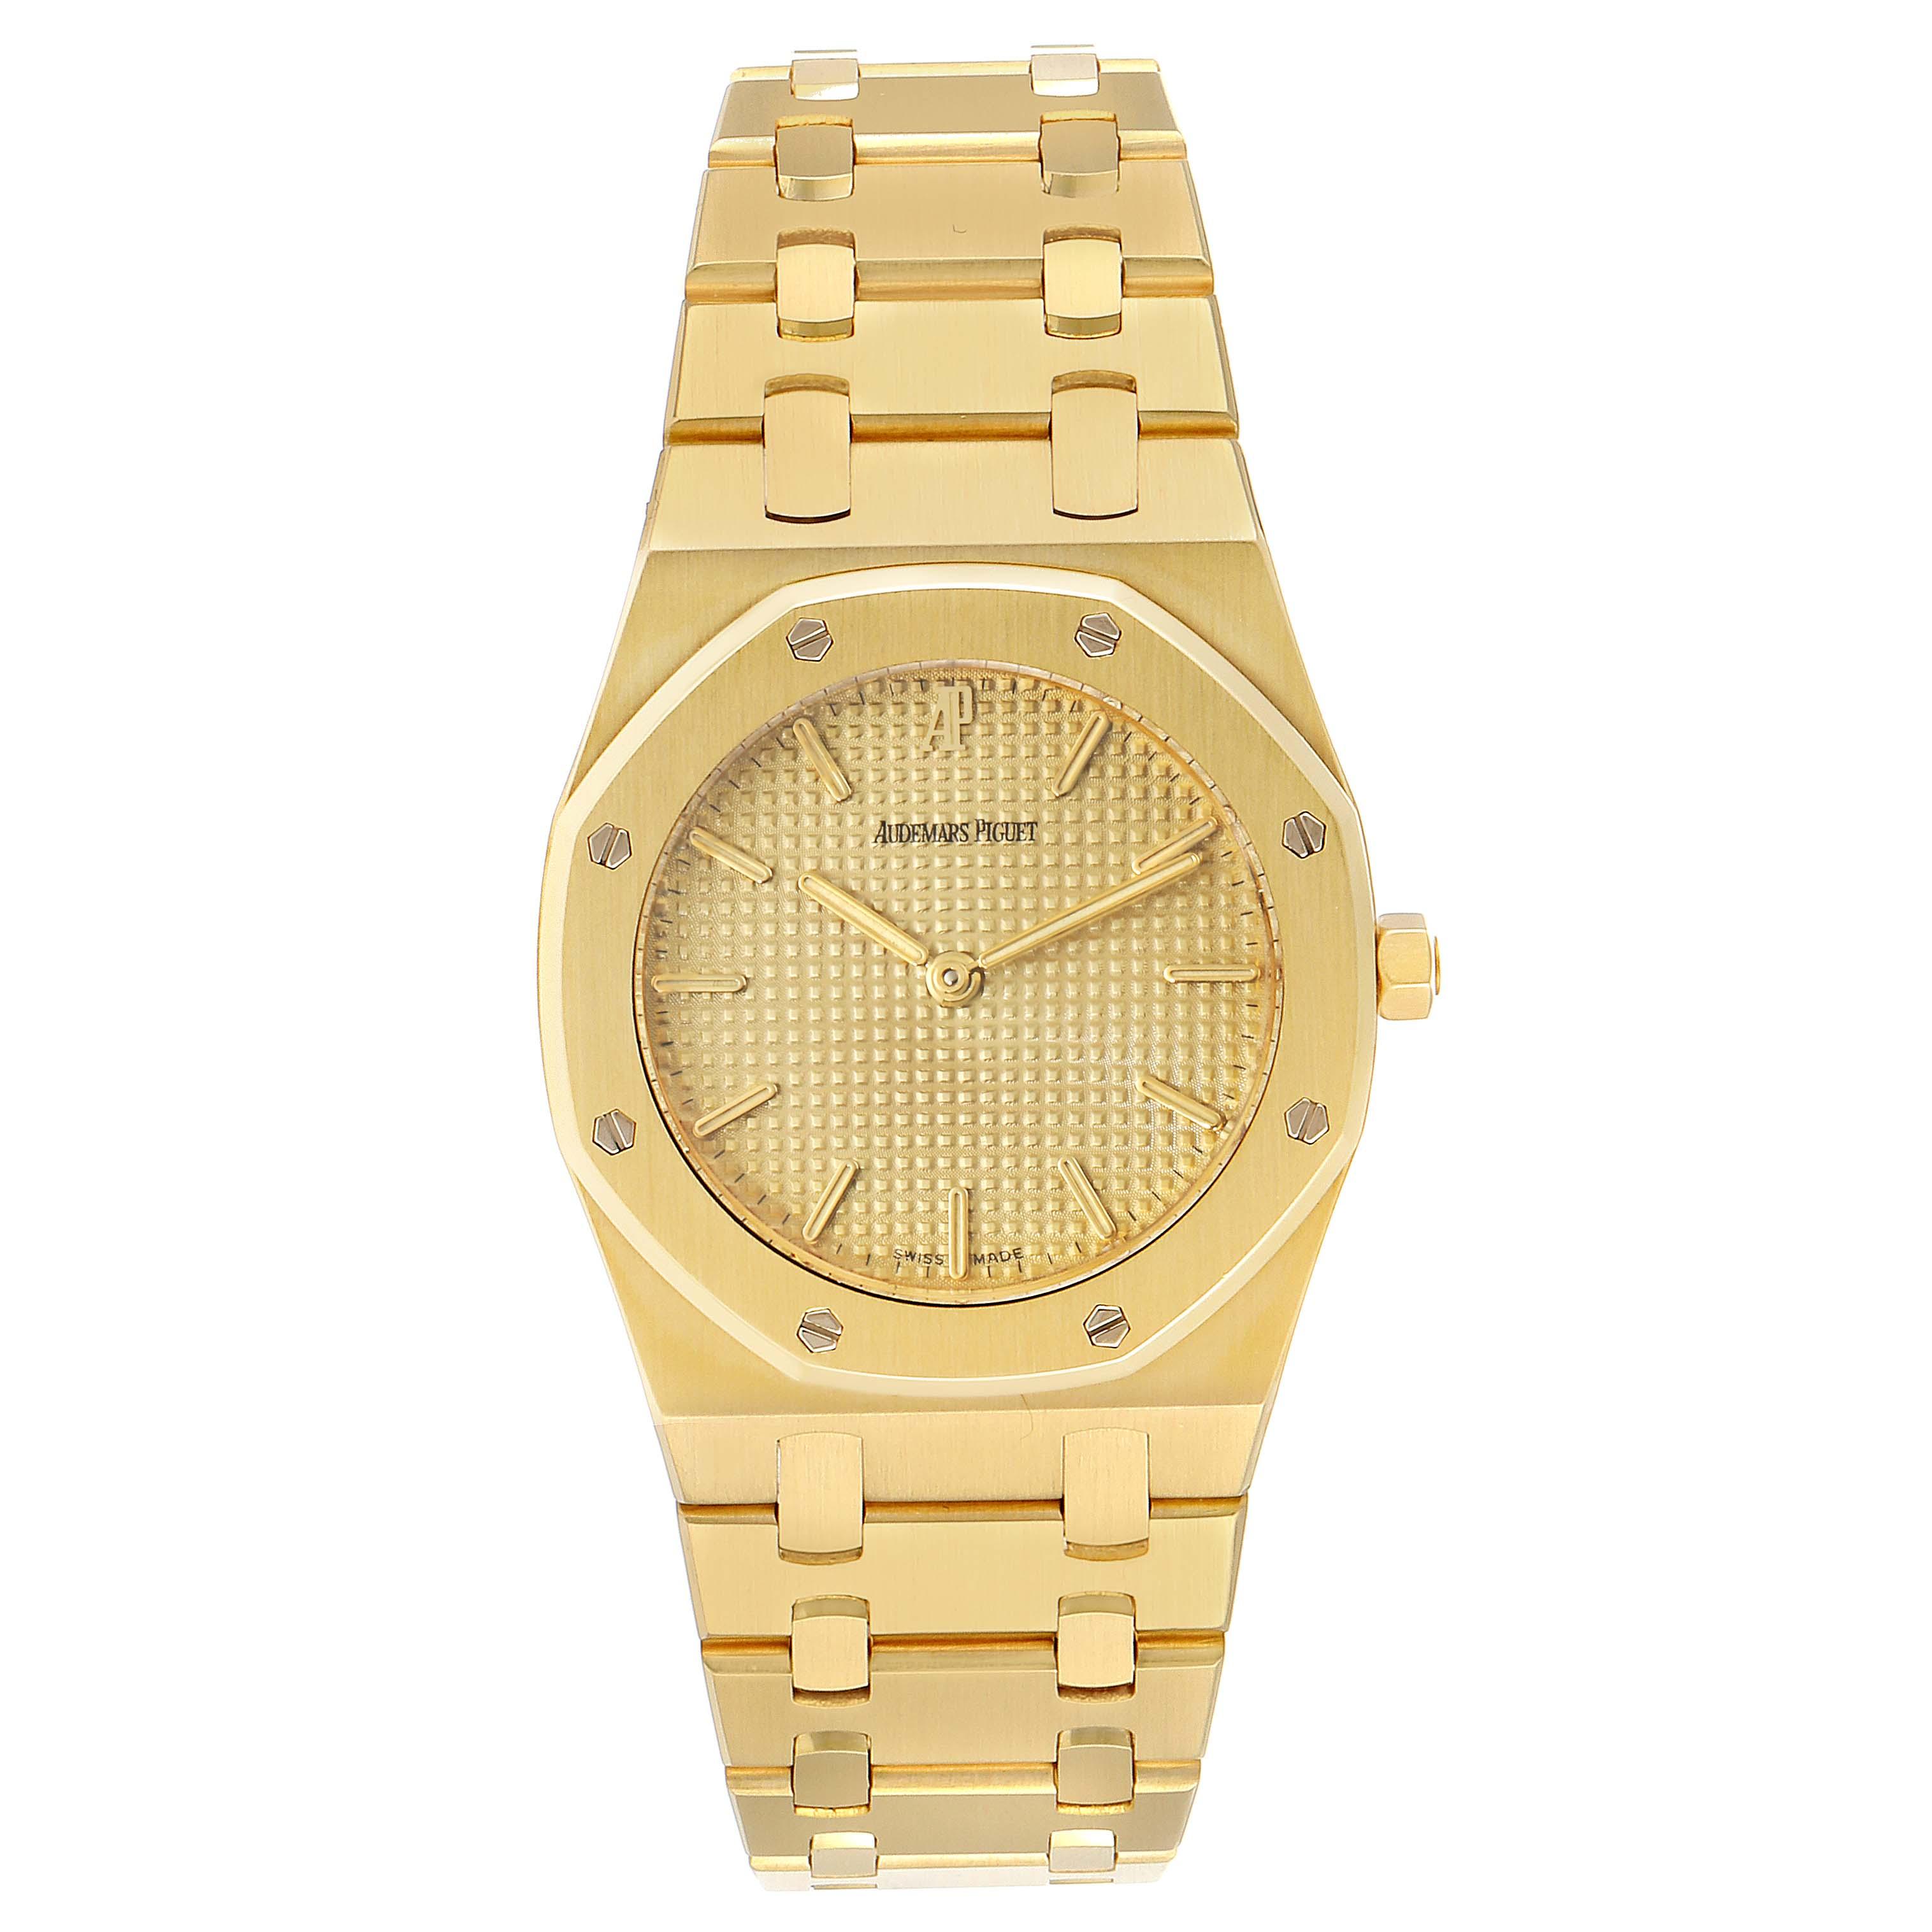 Audemars Piguet Royal Oak Midsize 33mm Yellow Gold Mens Watch SwissWatchExpo